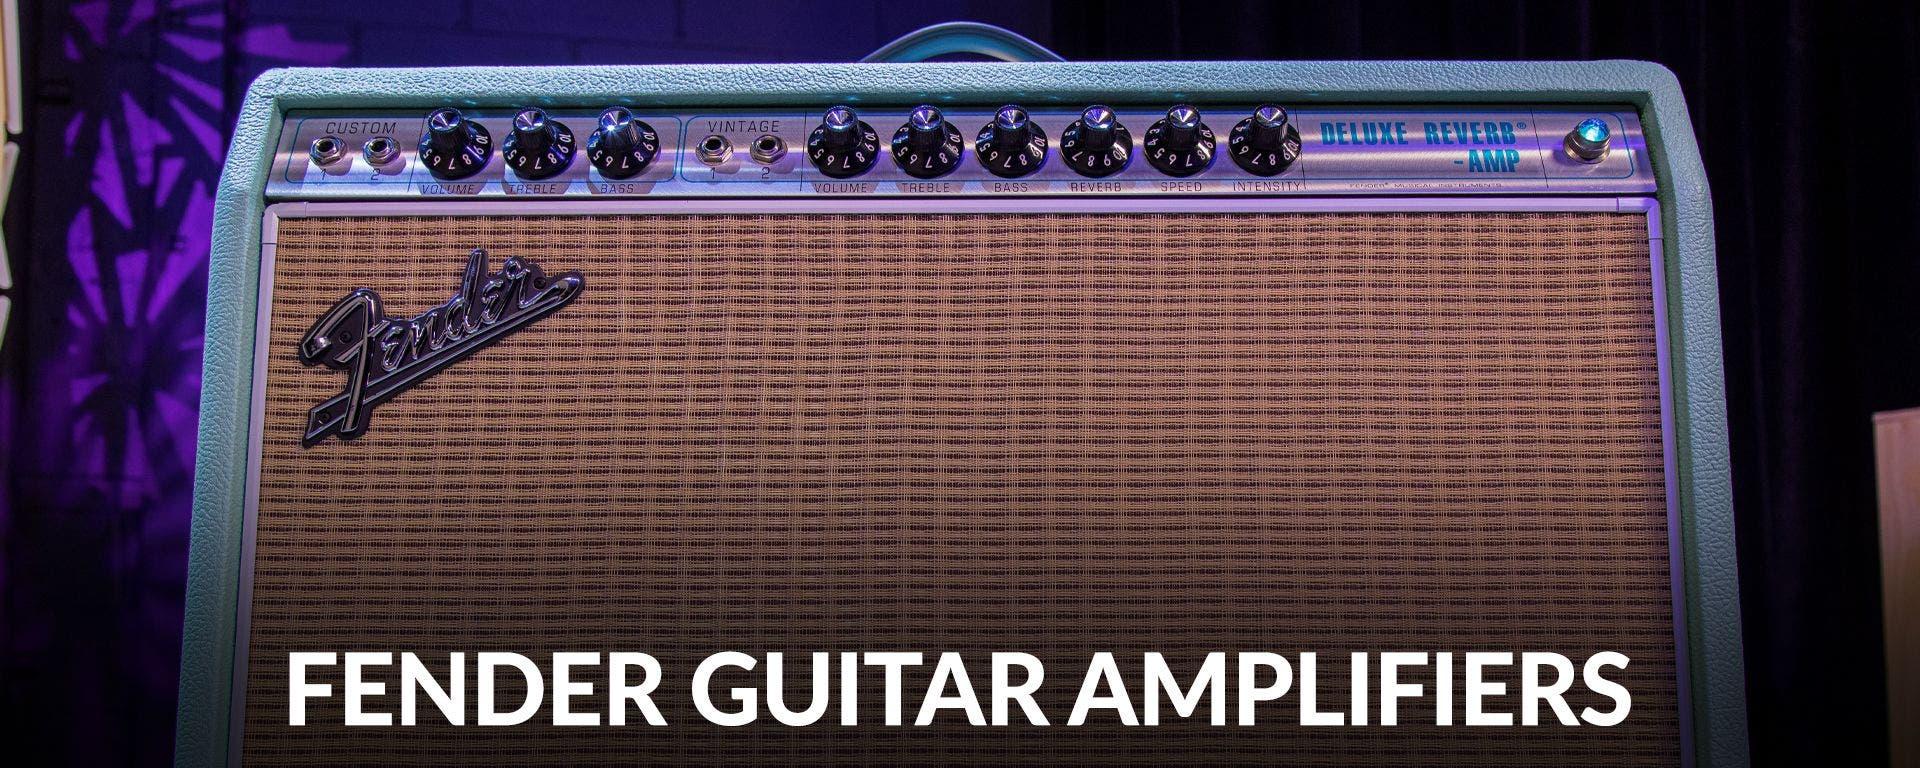 Fender Guitar Amplifiers at Sam Ash